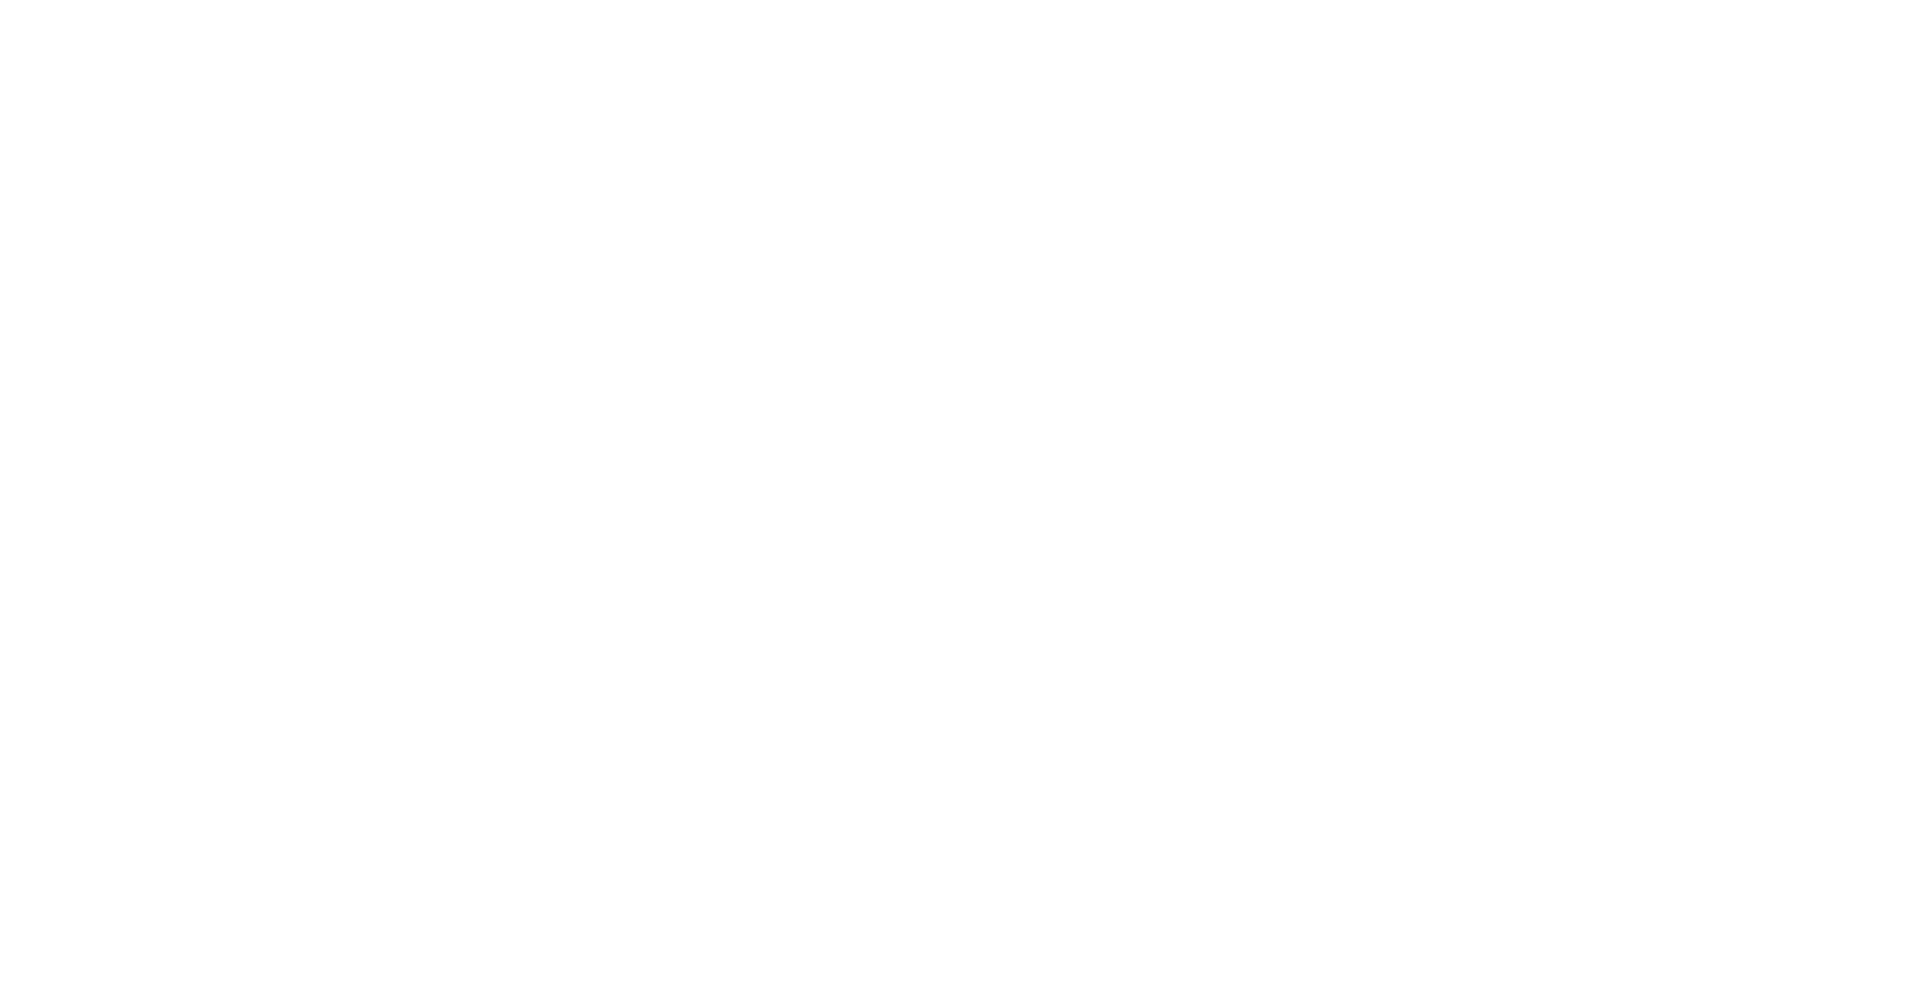 Noche de Alebrijes